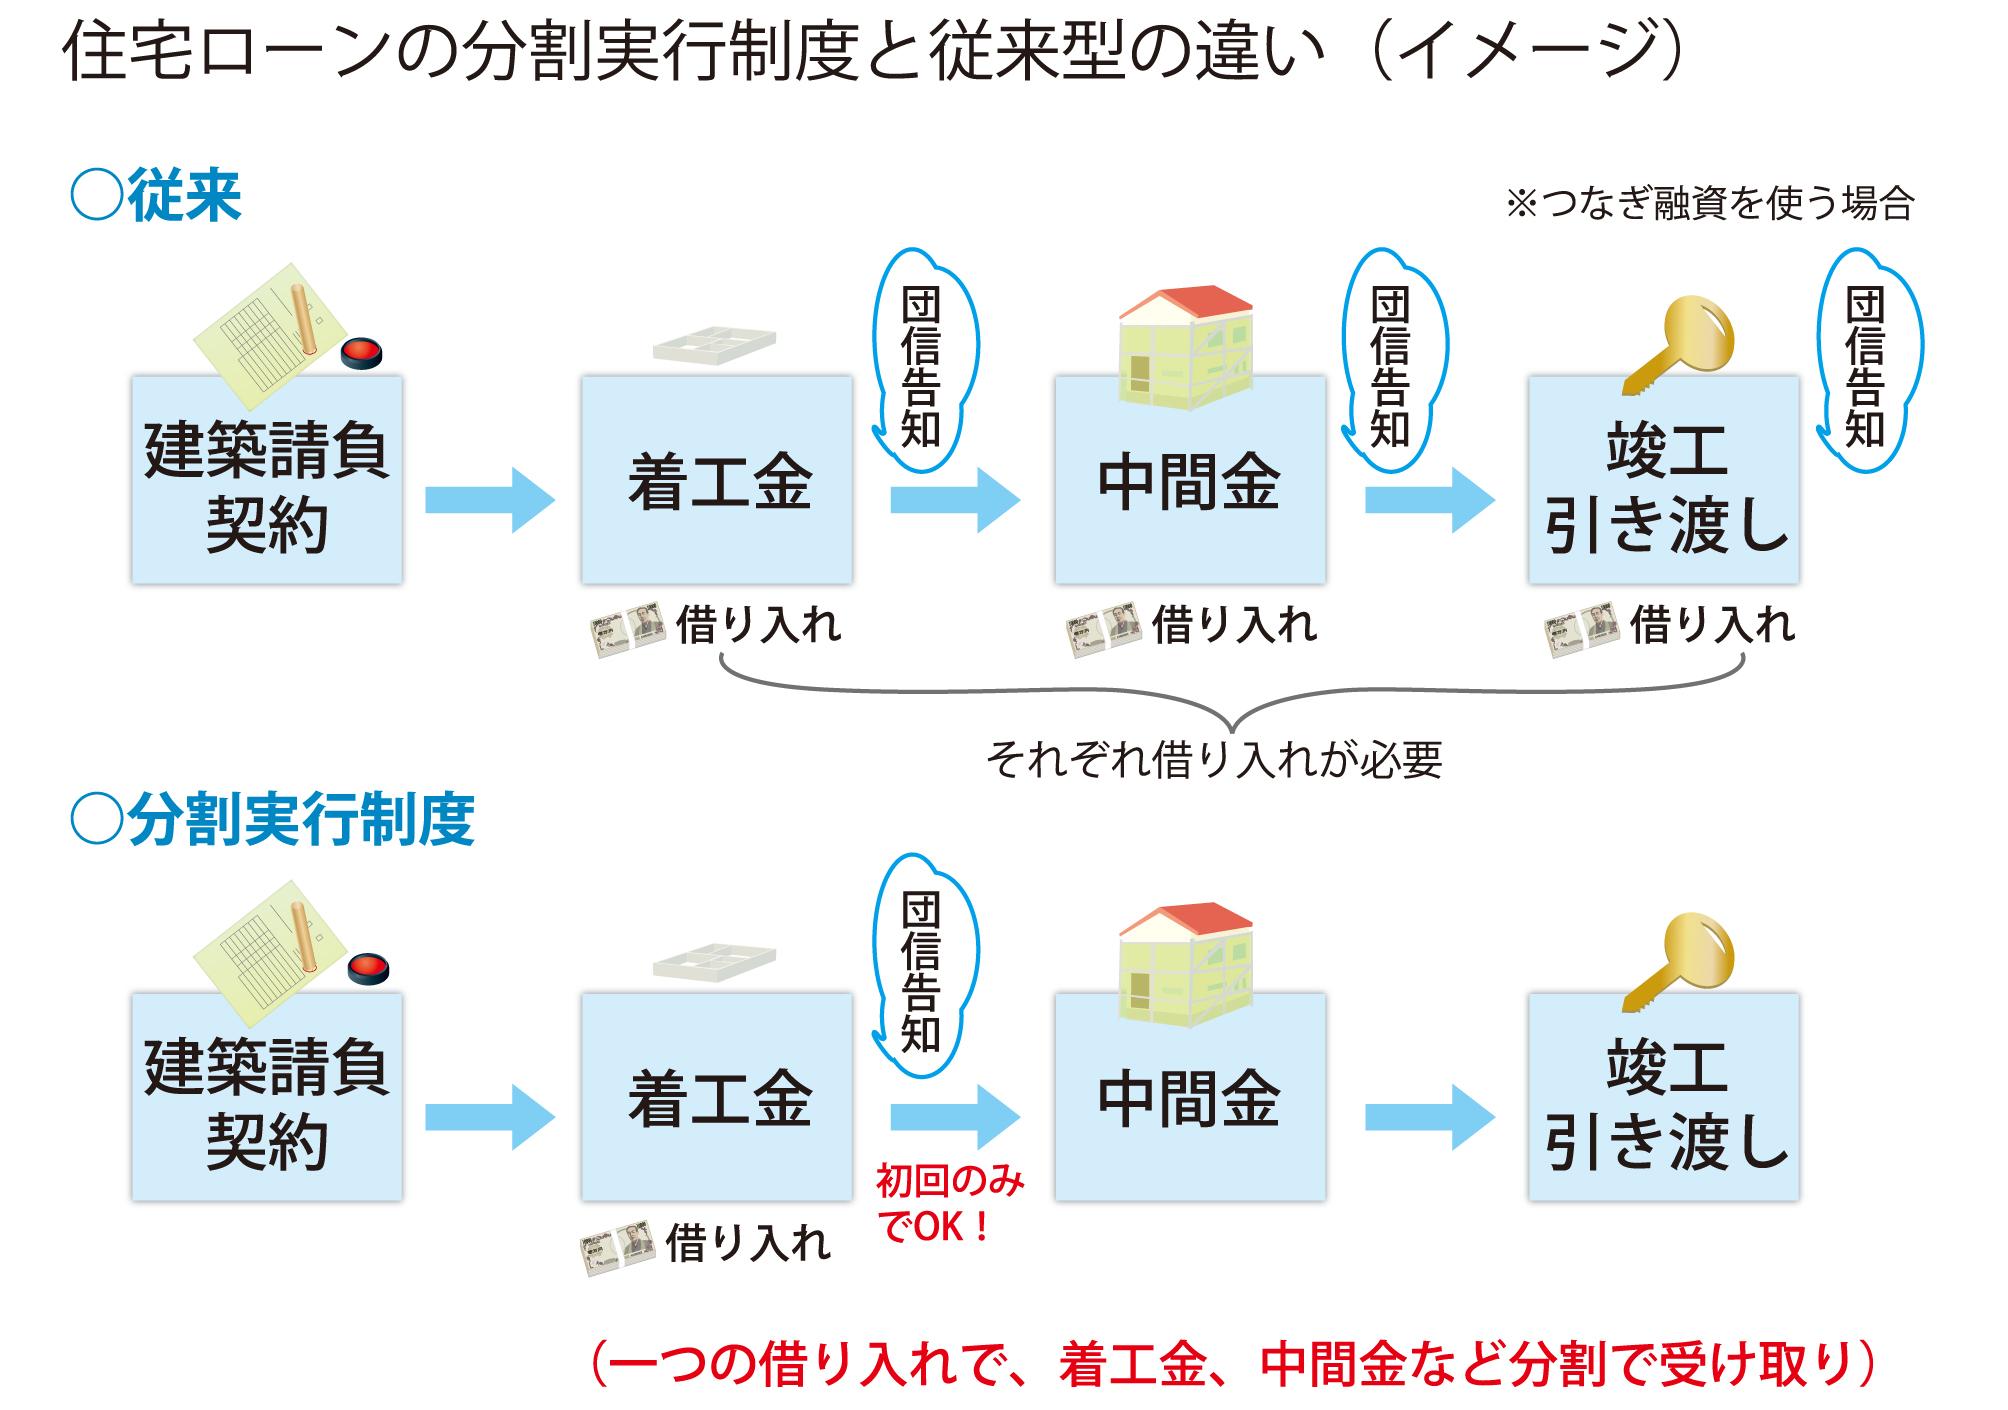 住宅ローンの分割実行制度と従来型の違い(イメージ)